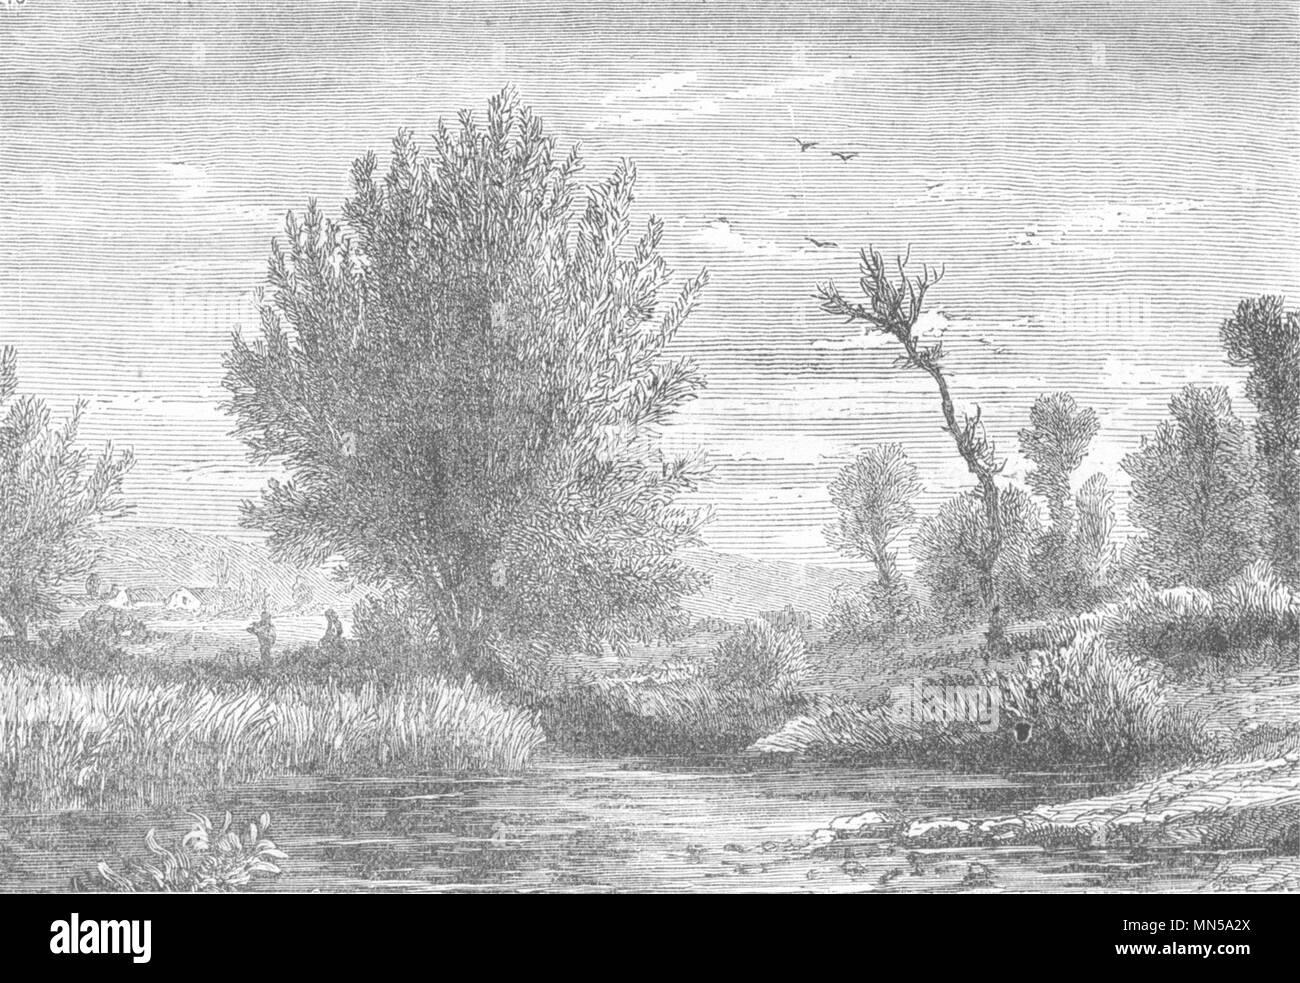 SEINE-MARITIME. Le Havre. Paysage aux area de Montivilliers 1880 old print - Stock Image